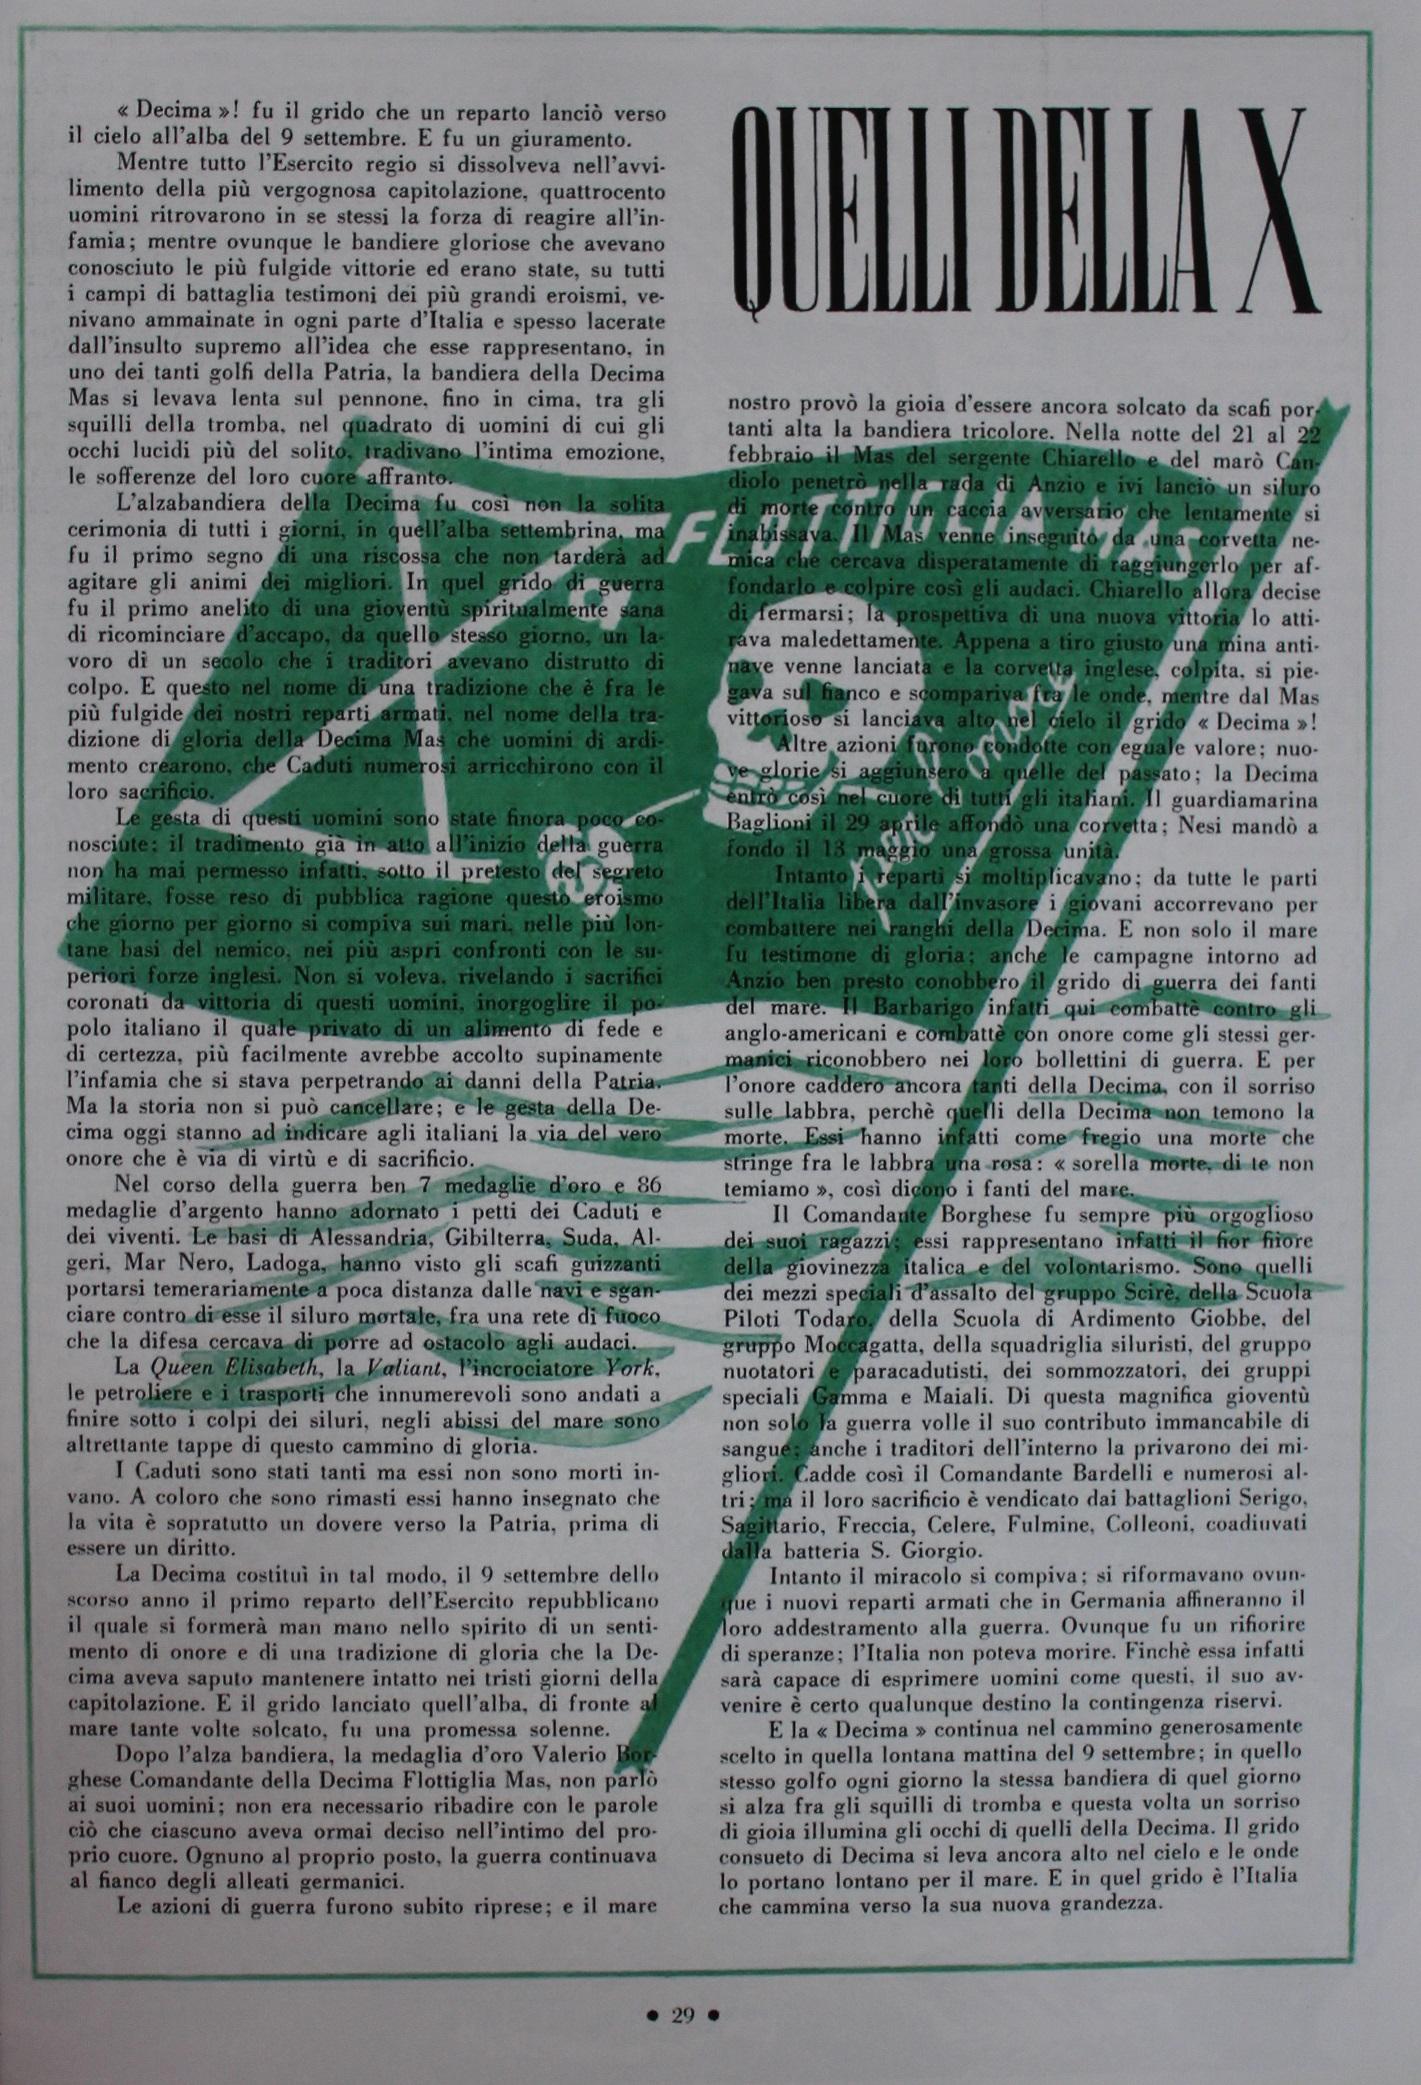 DECIMA FLOTTIGLIA M.A.S.: propaganda per la riscossa (XIX parte) – Gianluca Padovan